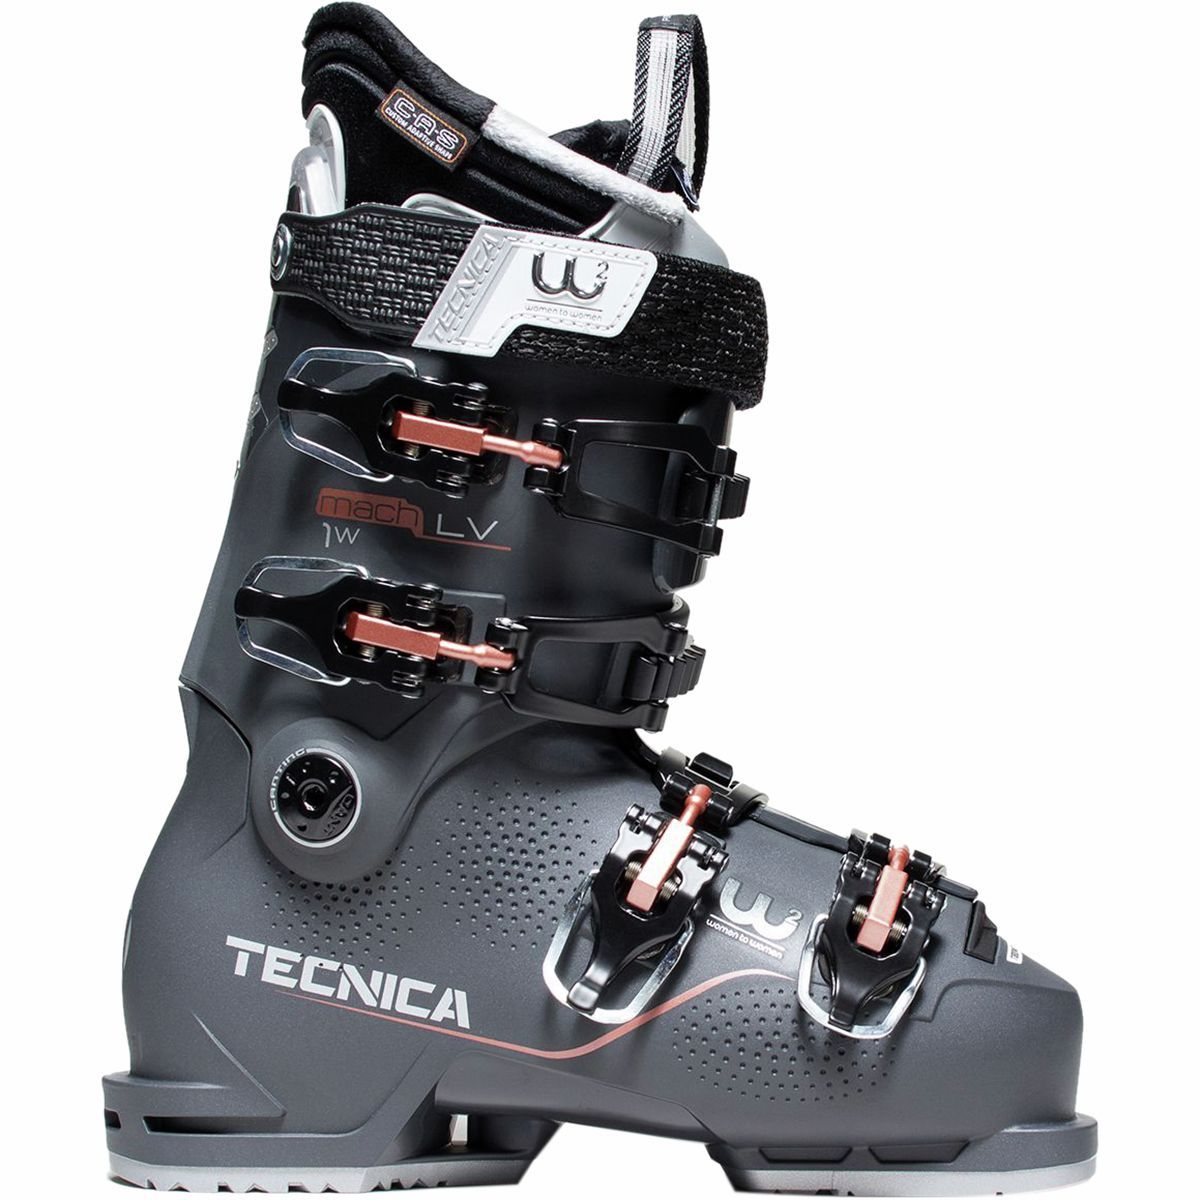 Mach1 95 Lv Ski Boot 2020 Women S Ski Boots Design Ski Boots Boots